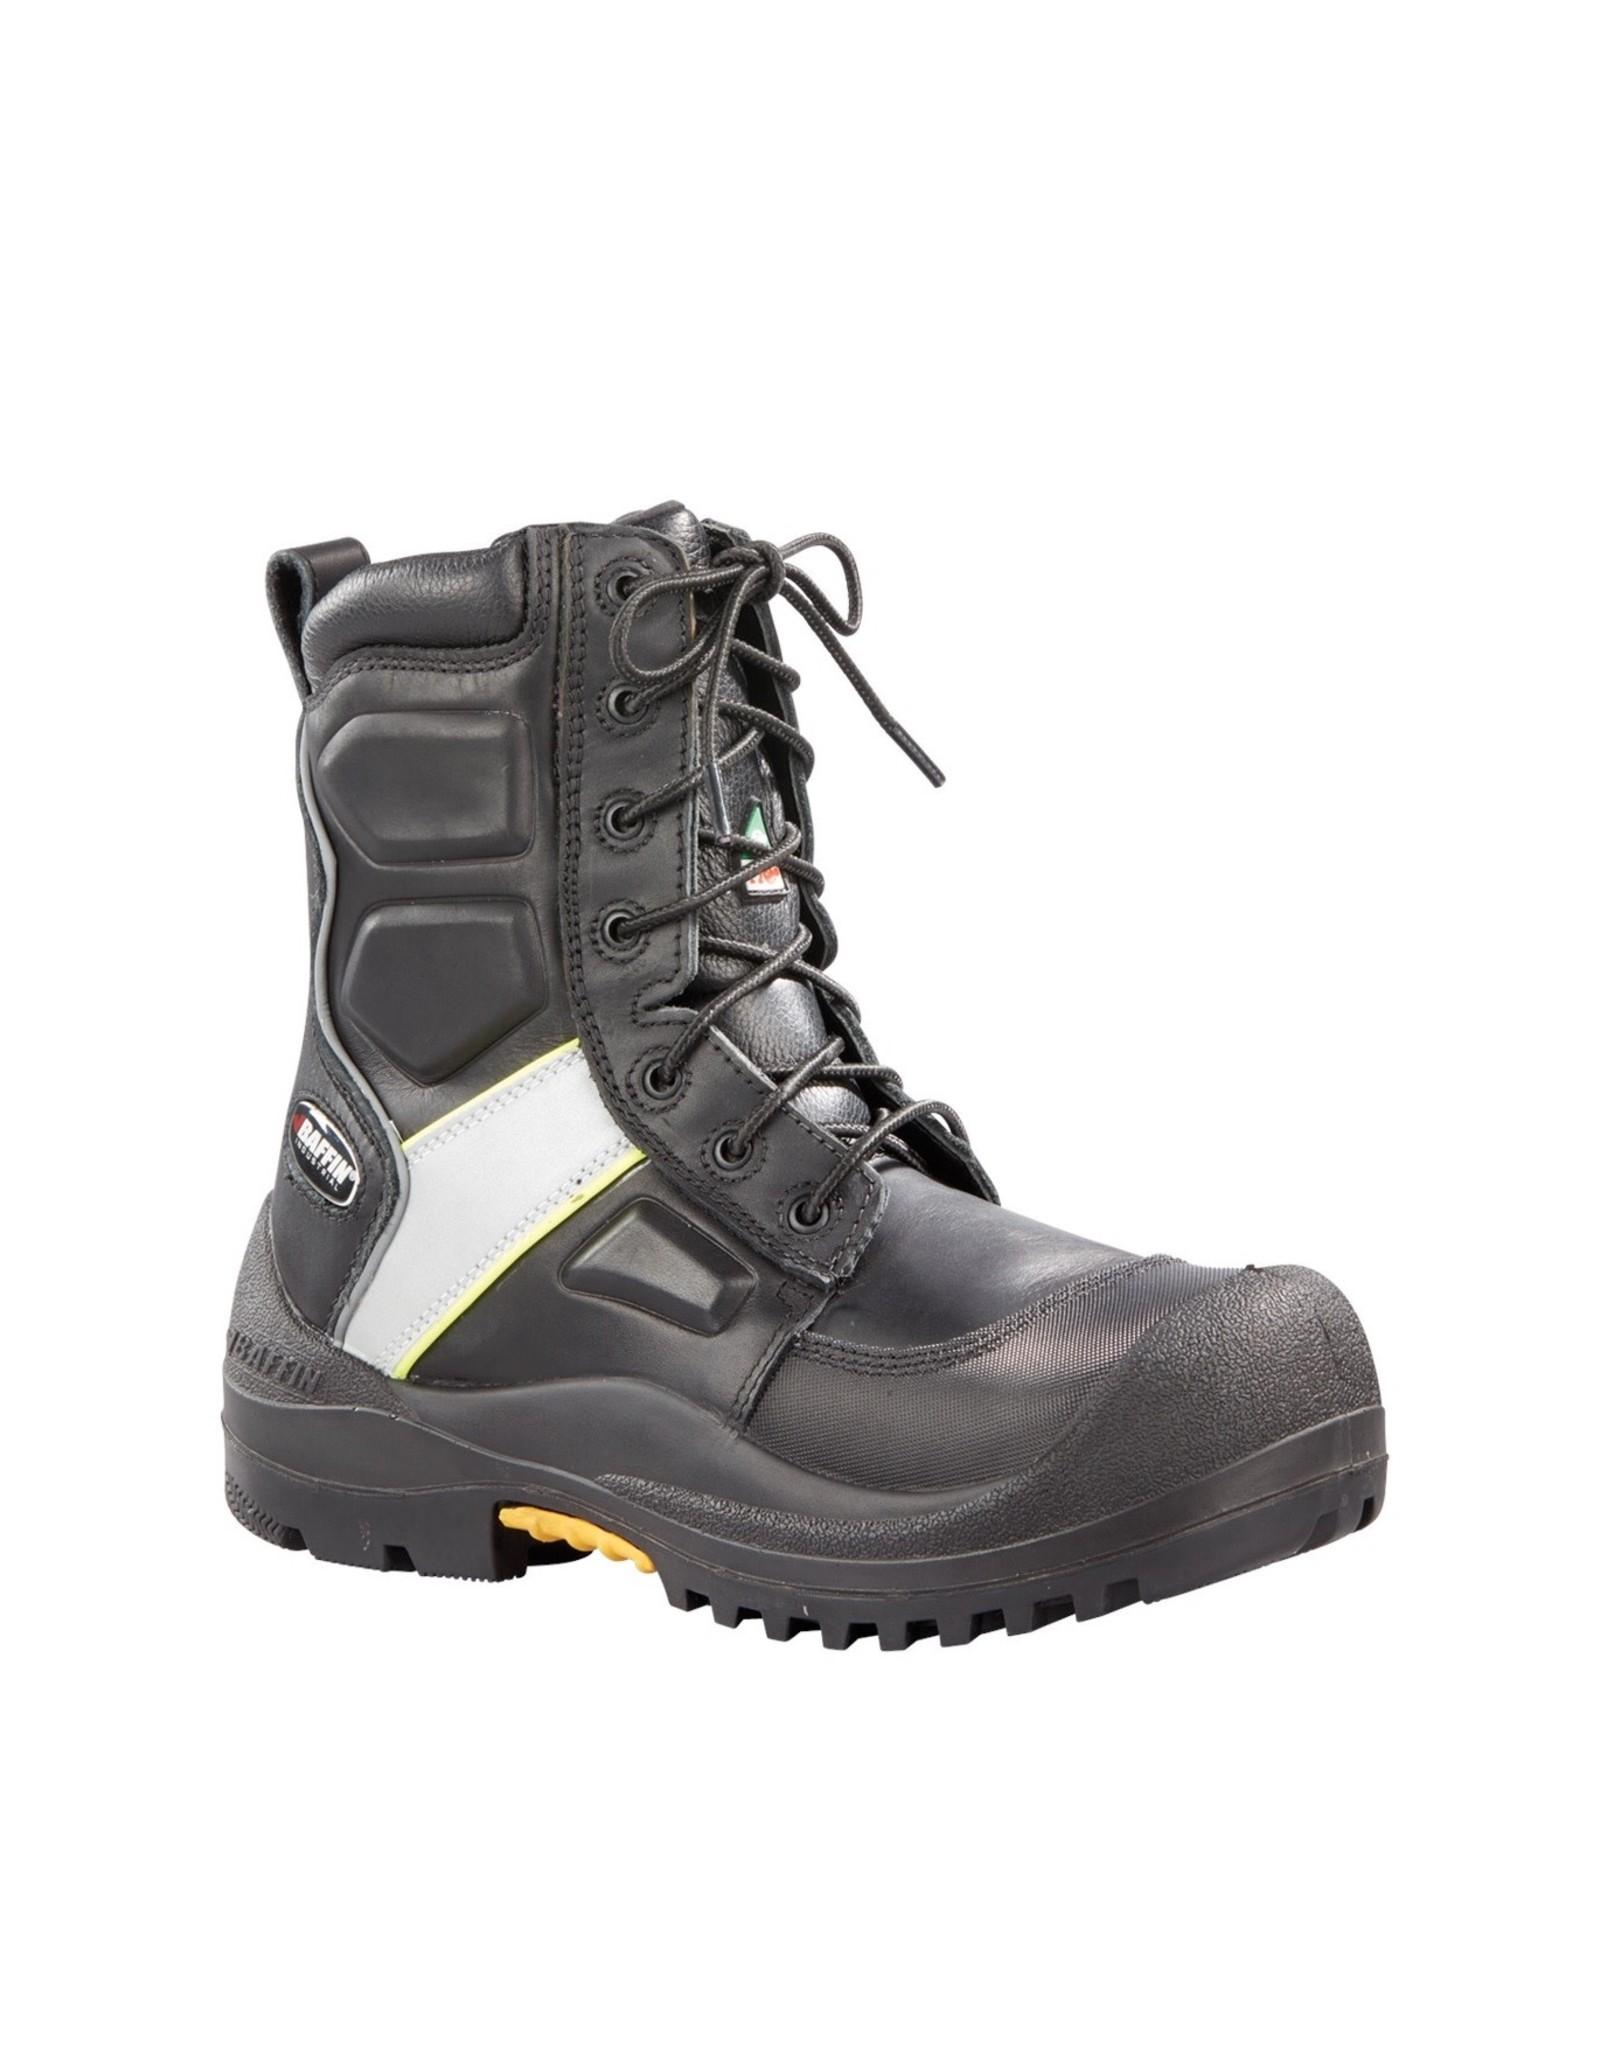 Baffin Baffin IREB-MP04 Premium Worker Hi-Viz CSA Mens